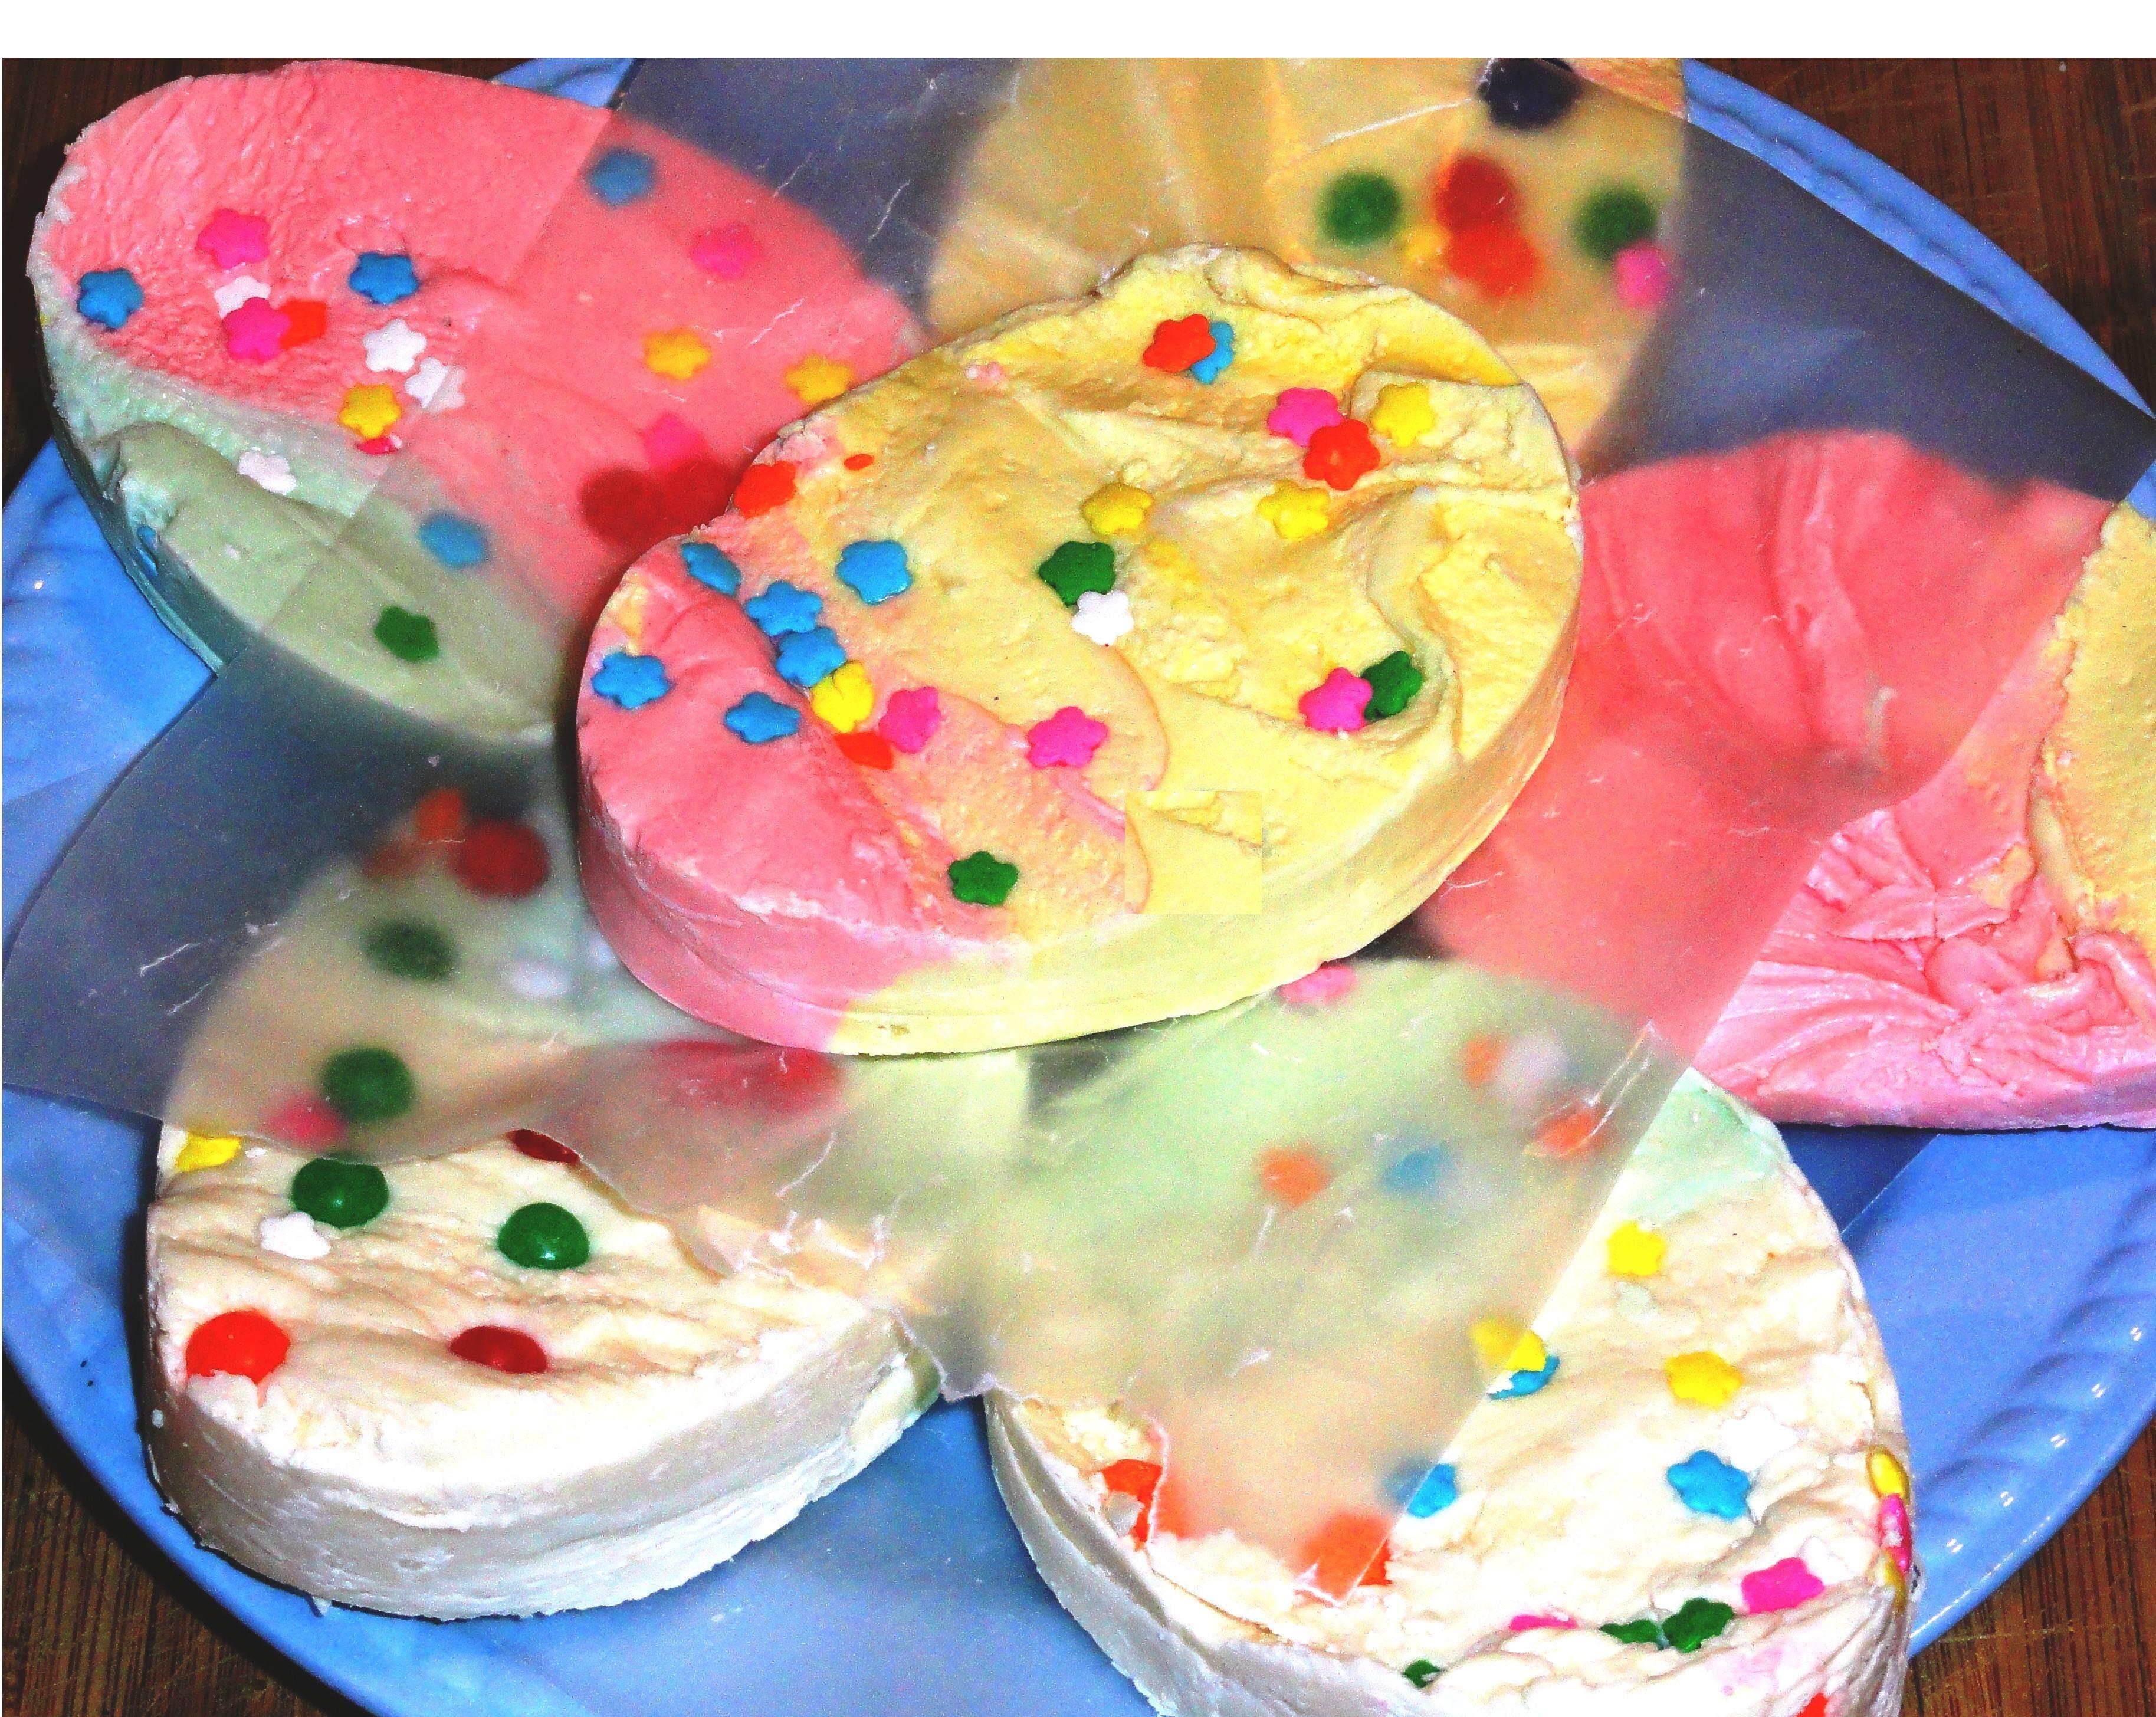 Easy easter dessert recipe easter egg fudge recipes pinterest easy easter dessert recipe easter egg fudge forumfinder Image collections